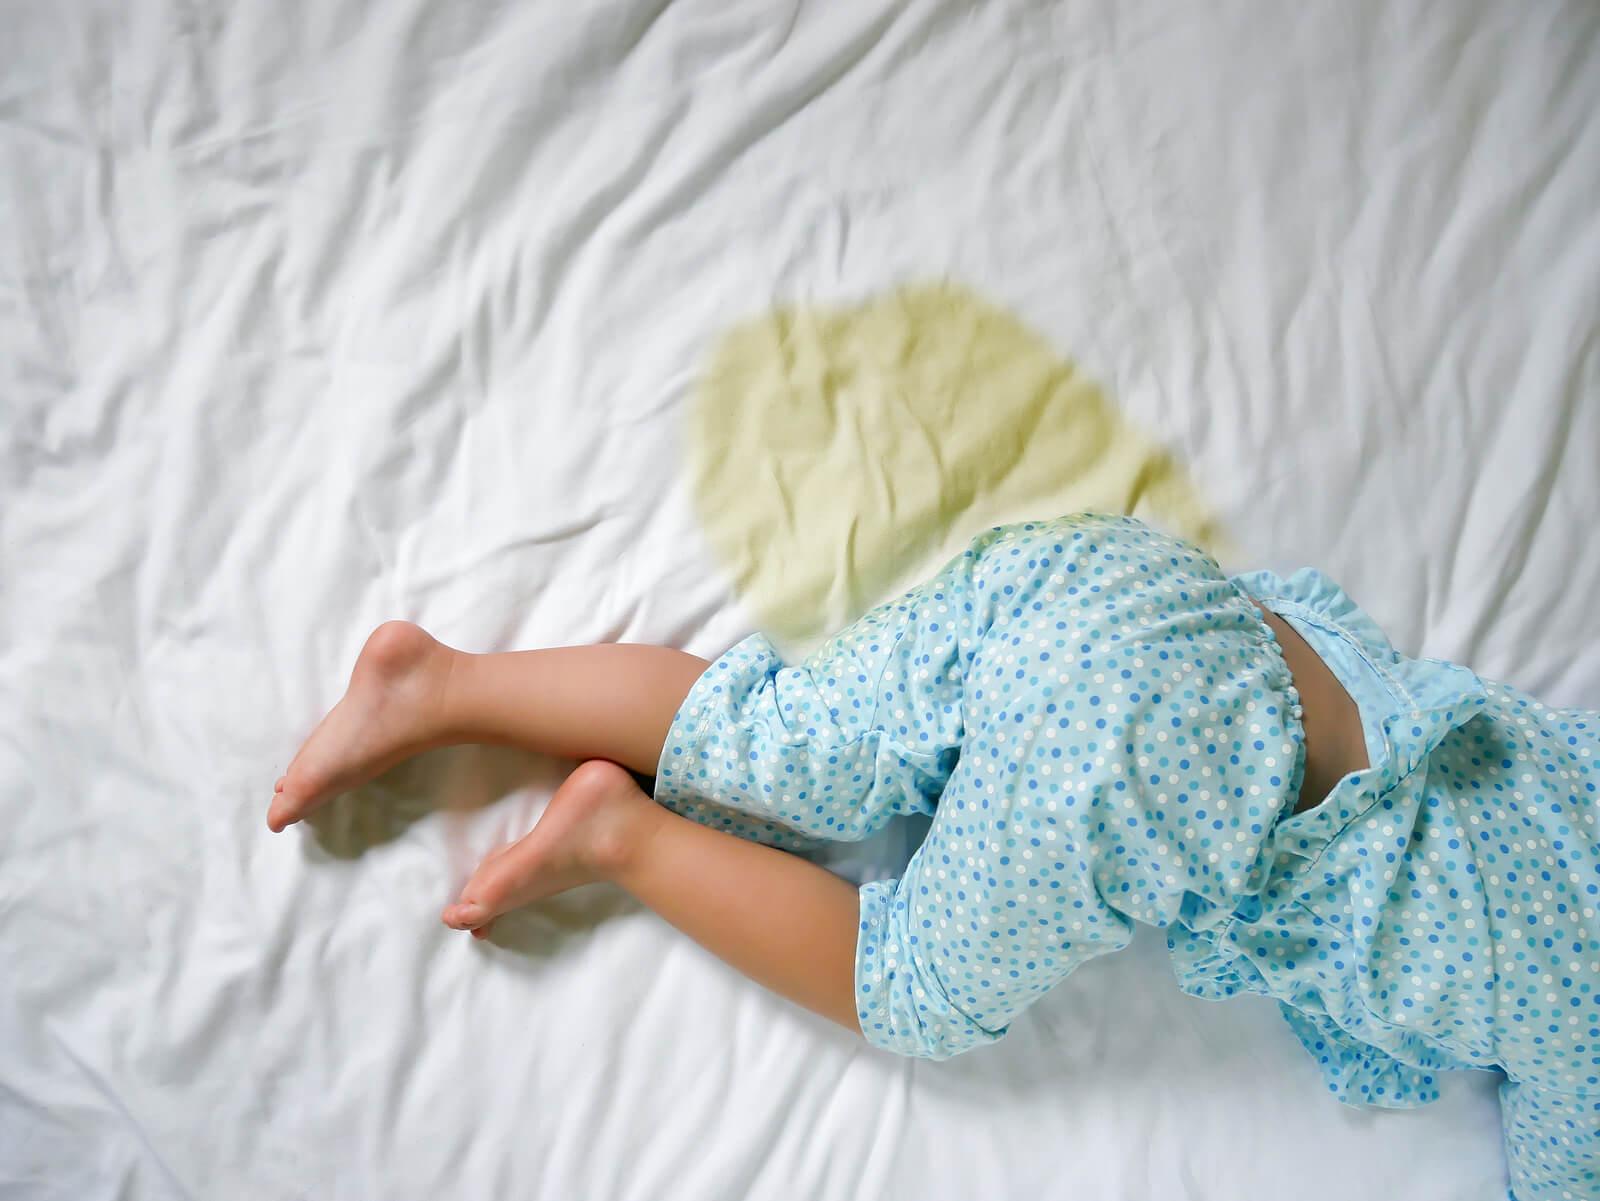 Niño con las sábanas mojadas porque se ha hecho pis en la cama por la noche.